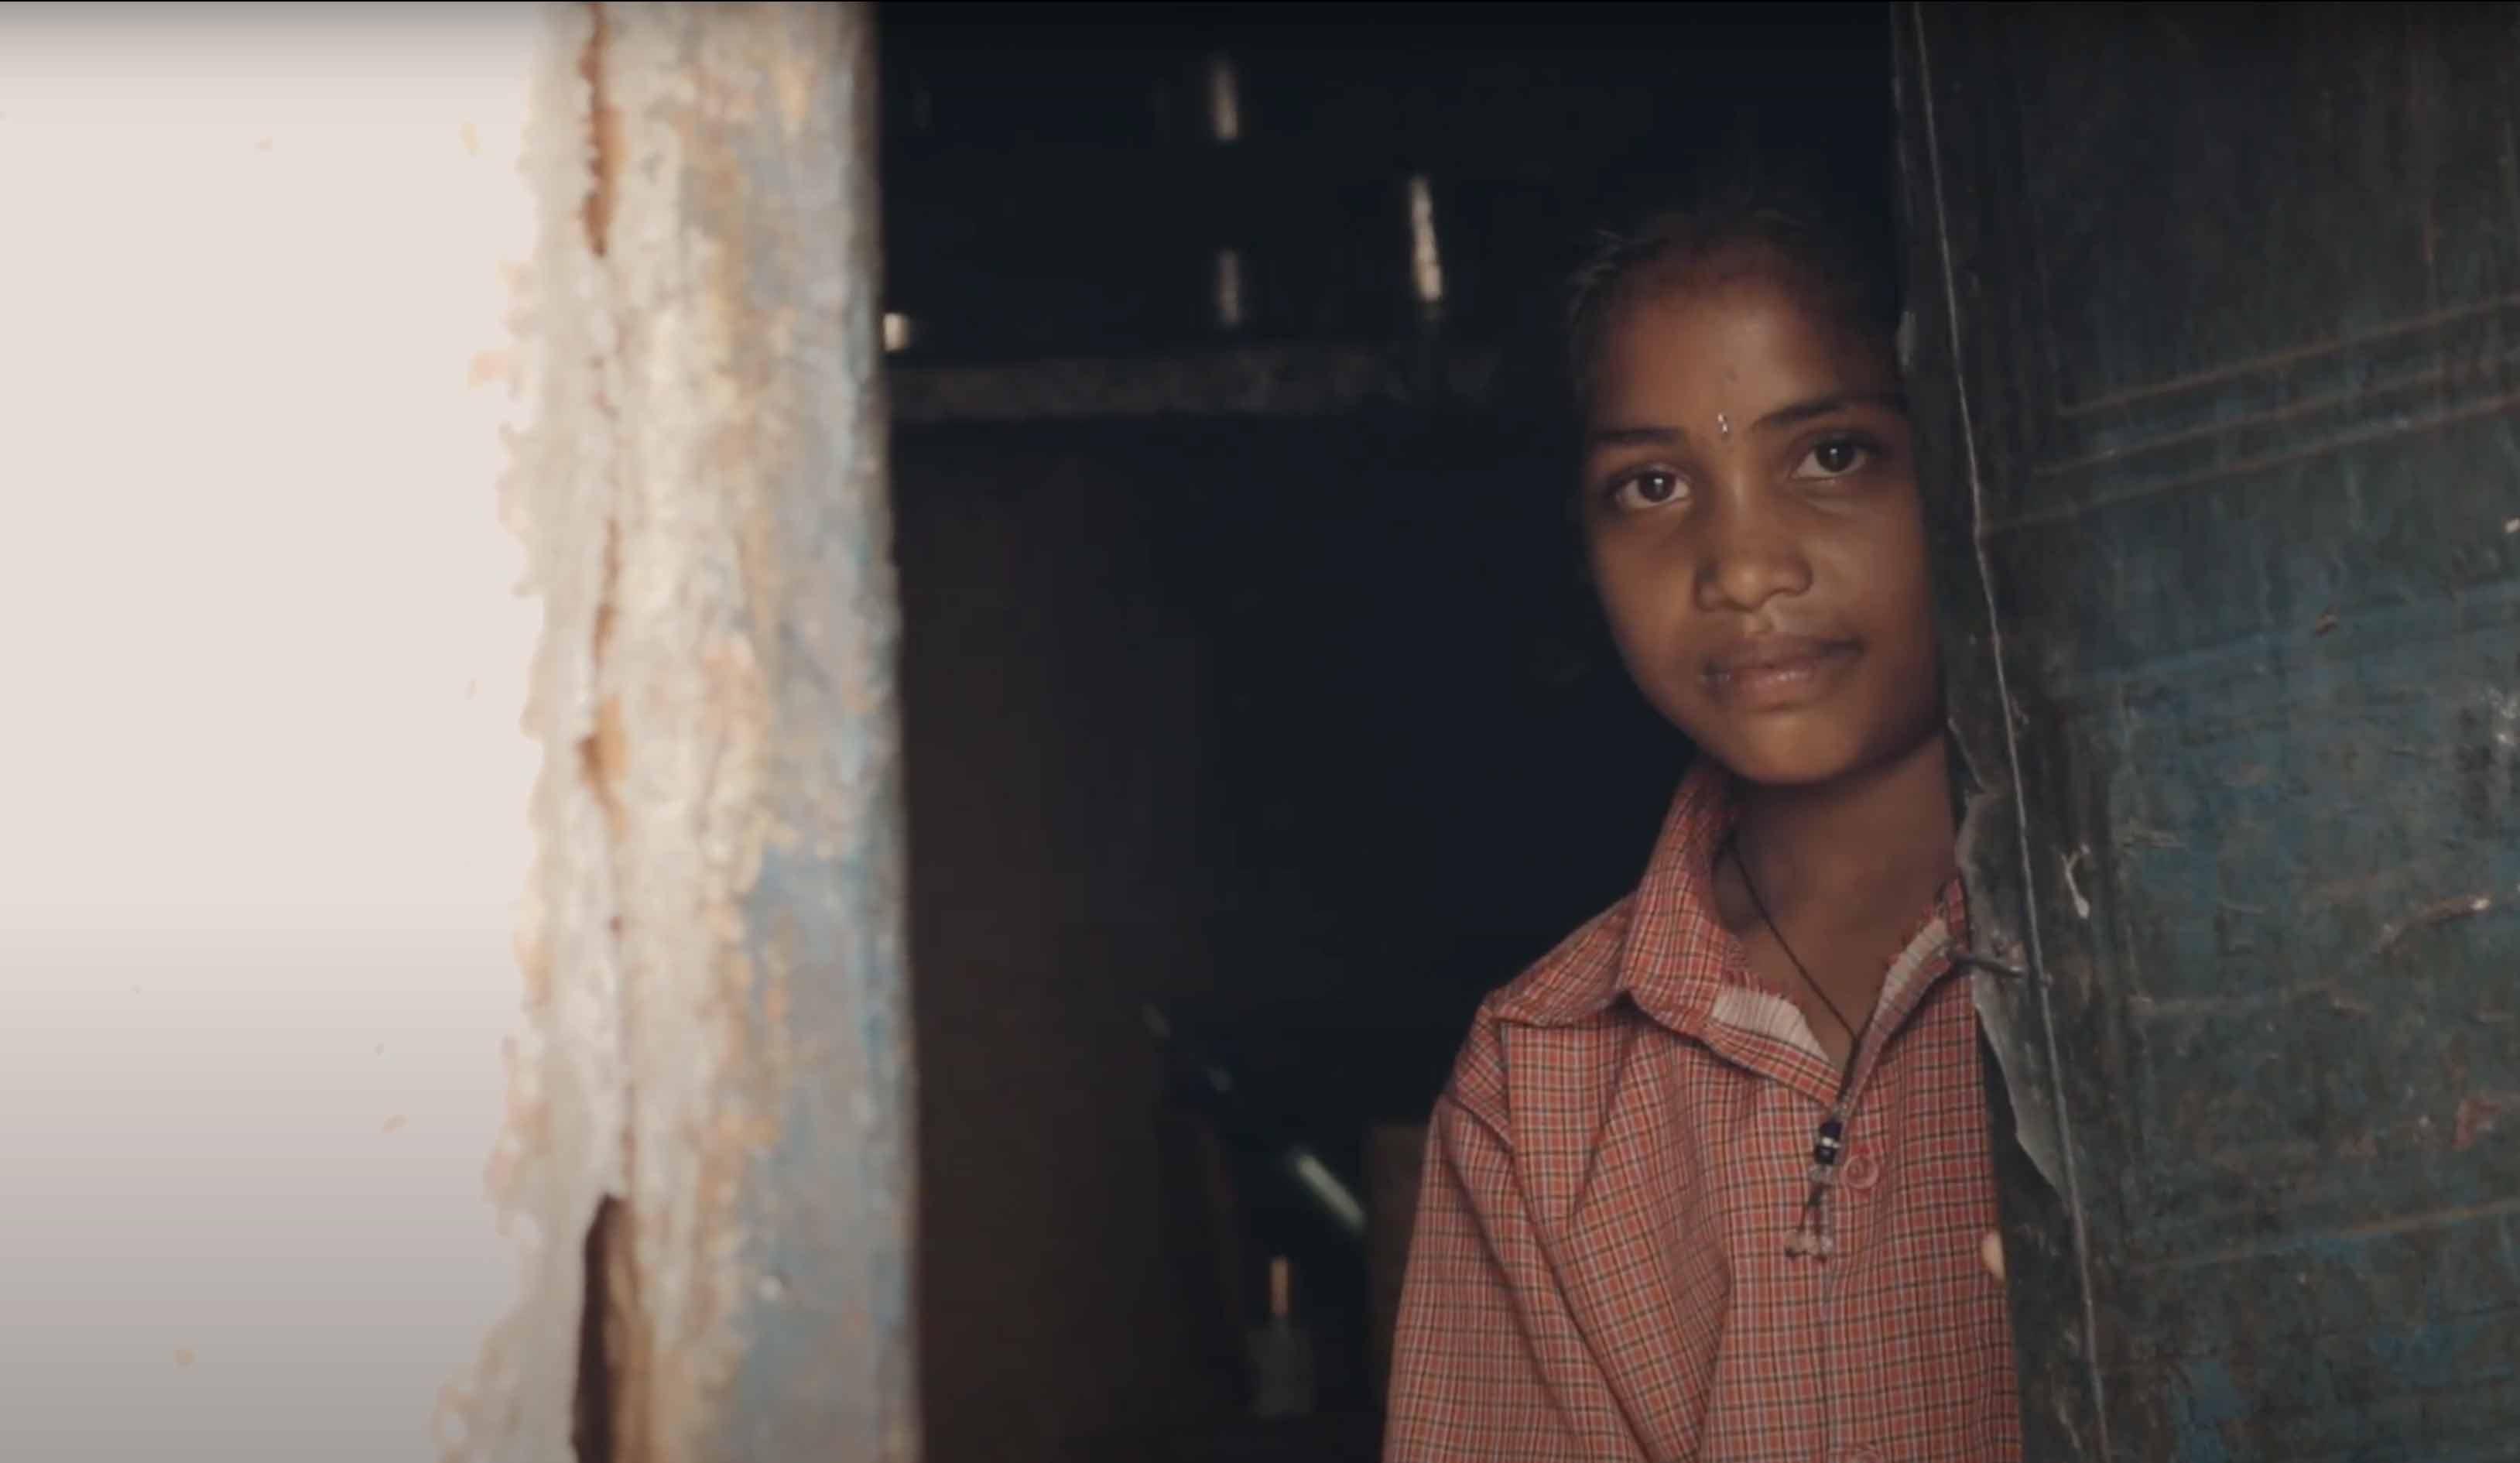 NGO Films image